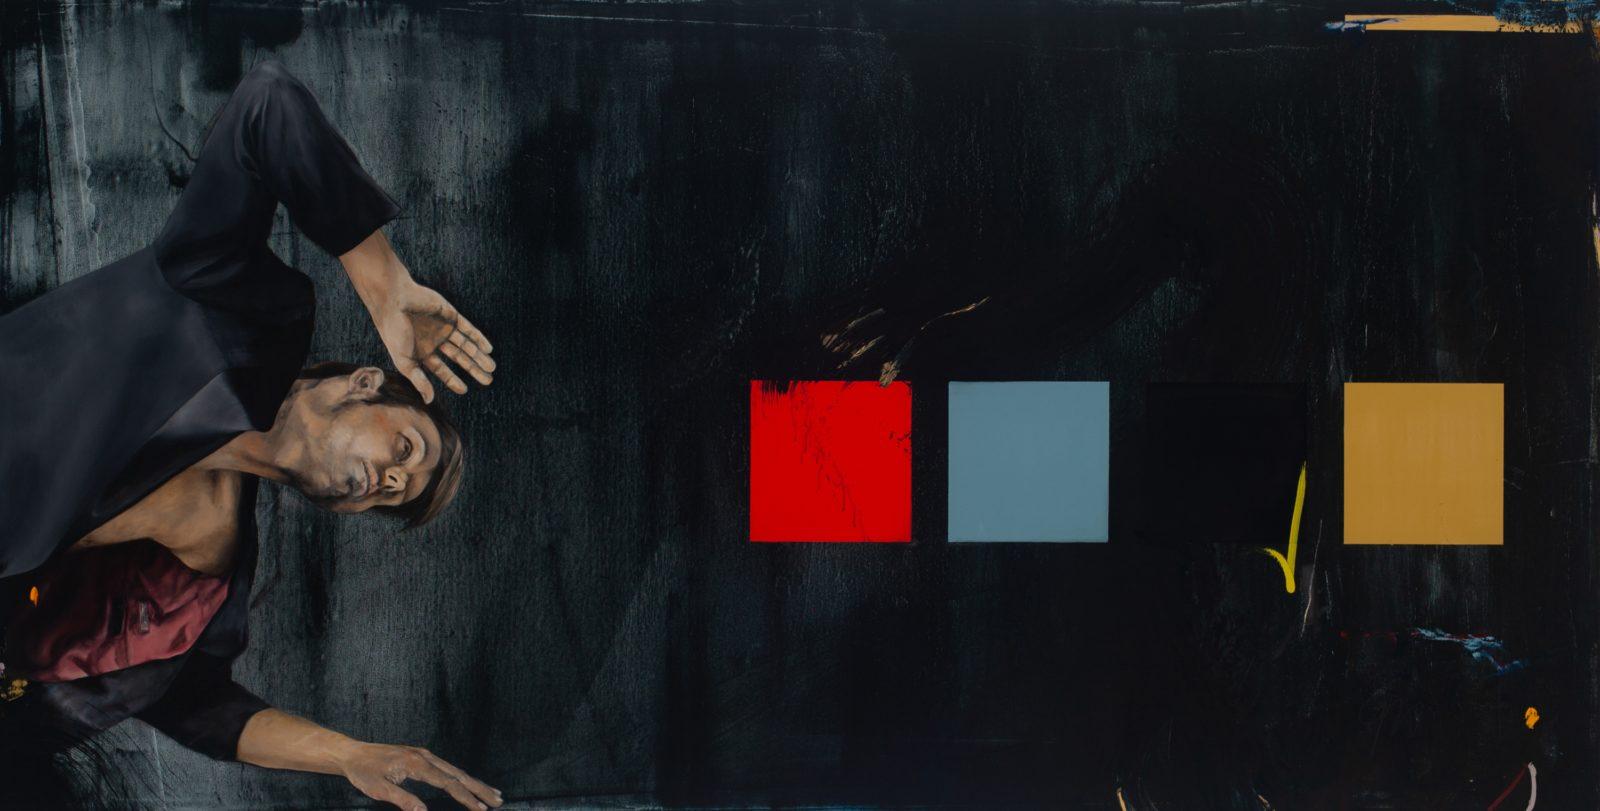 Black Bile, 2018